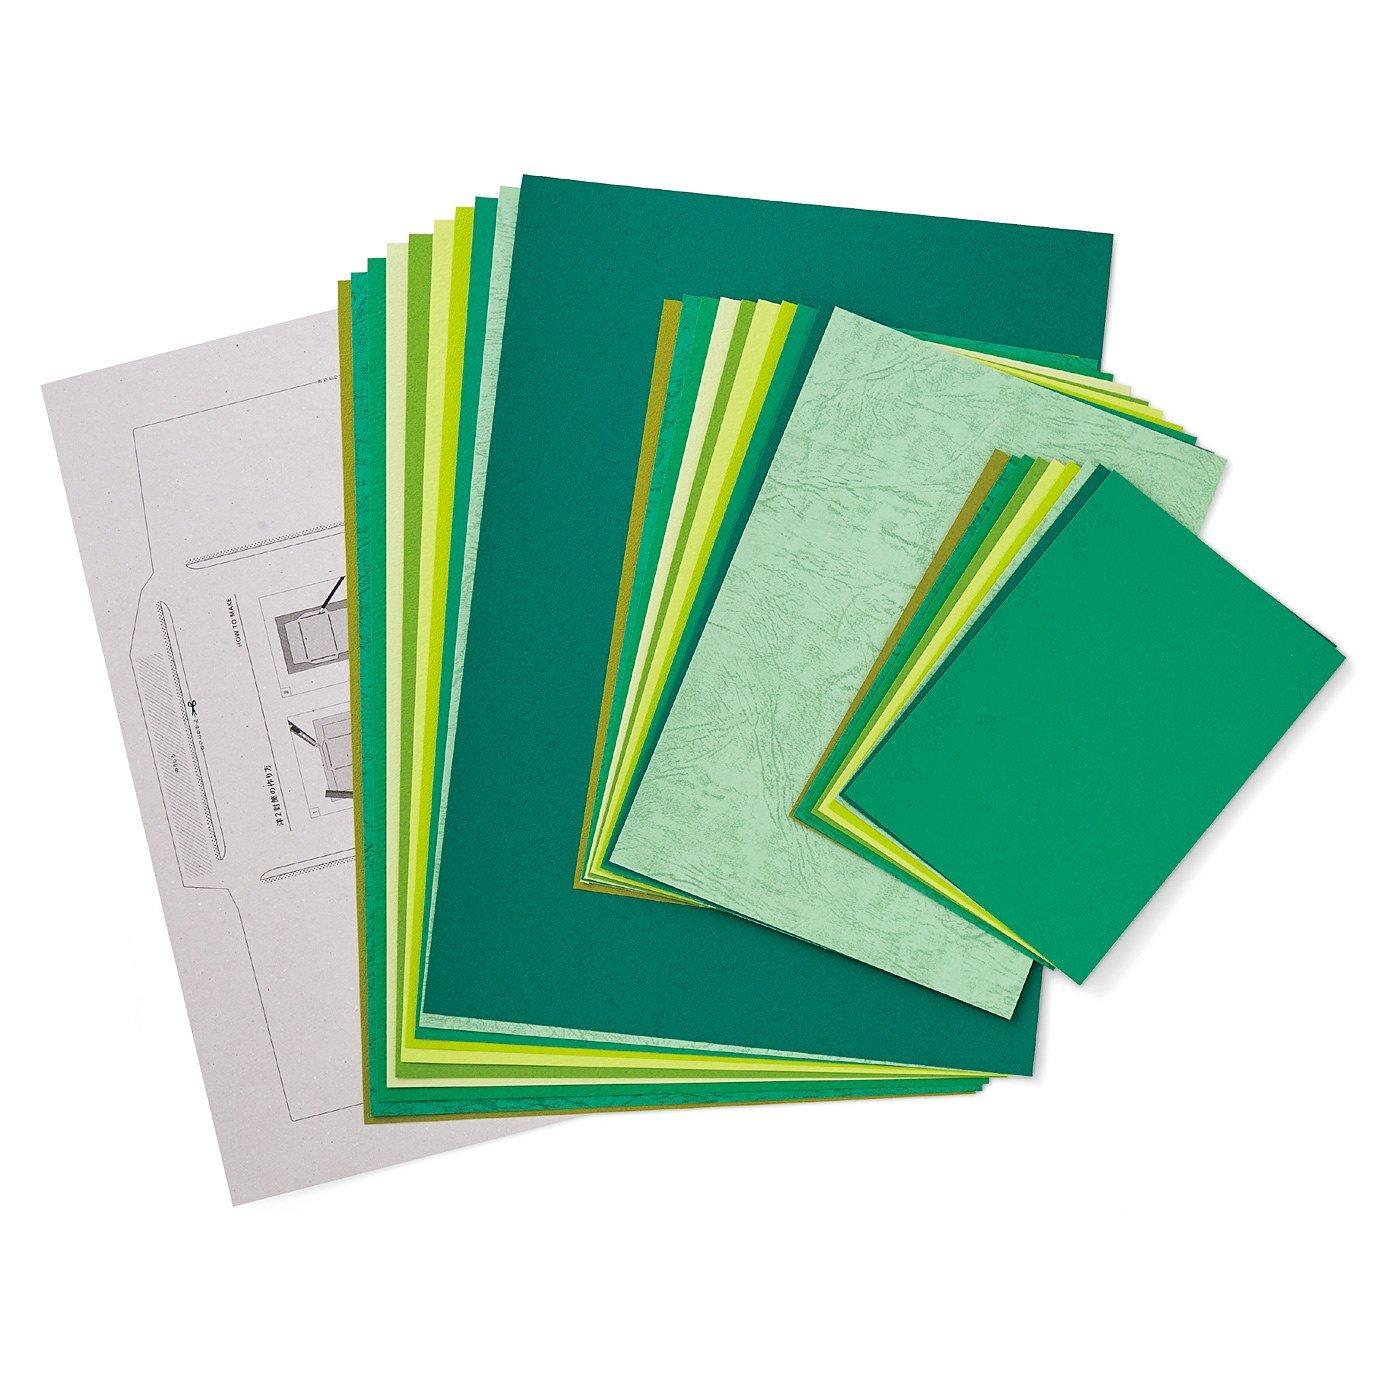 OSYAIRO 紙の専門商社竹尾が選ぶ 色を楽しむ紙セットの会〈緑〉